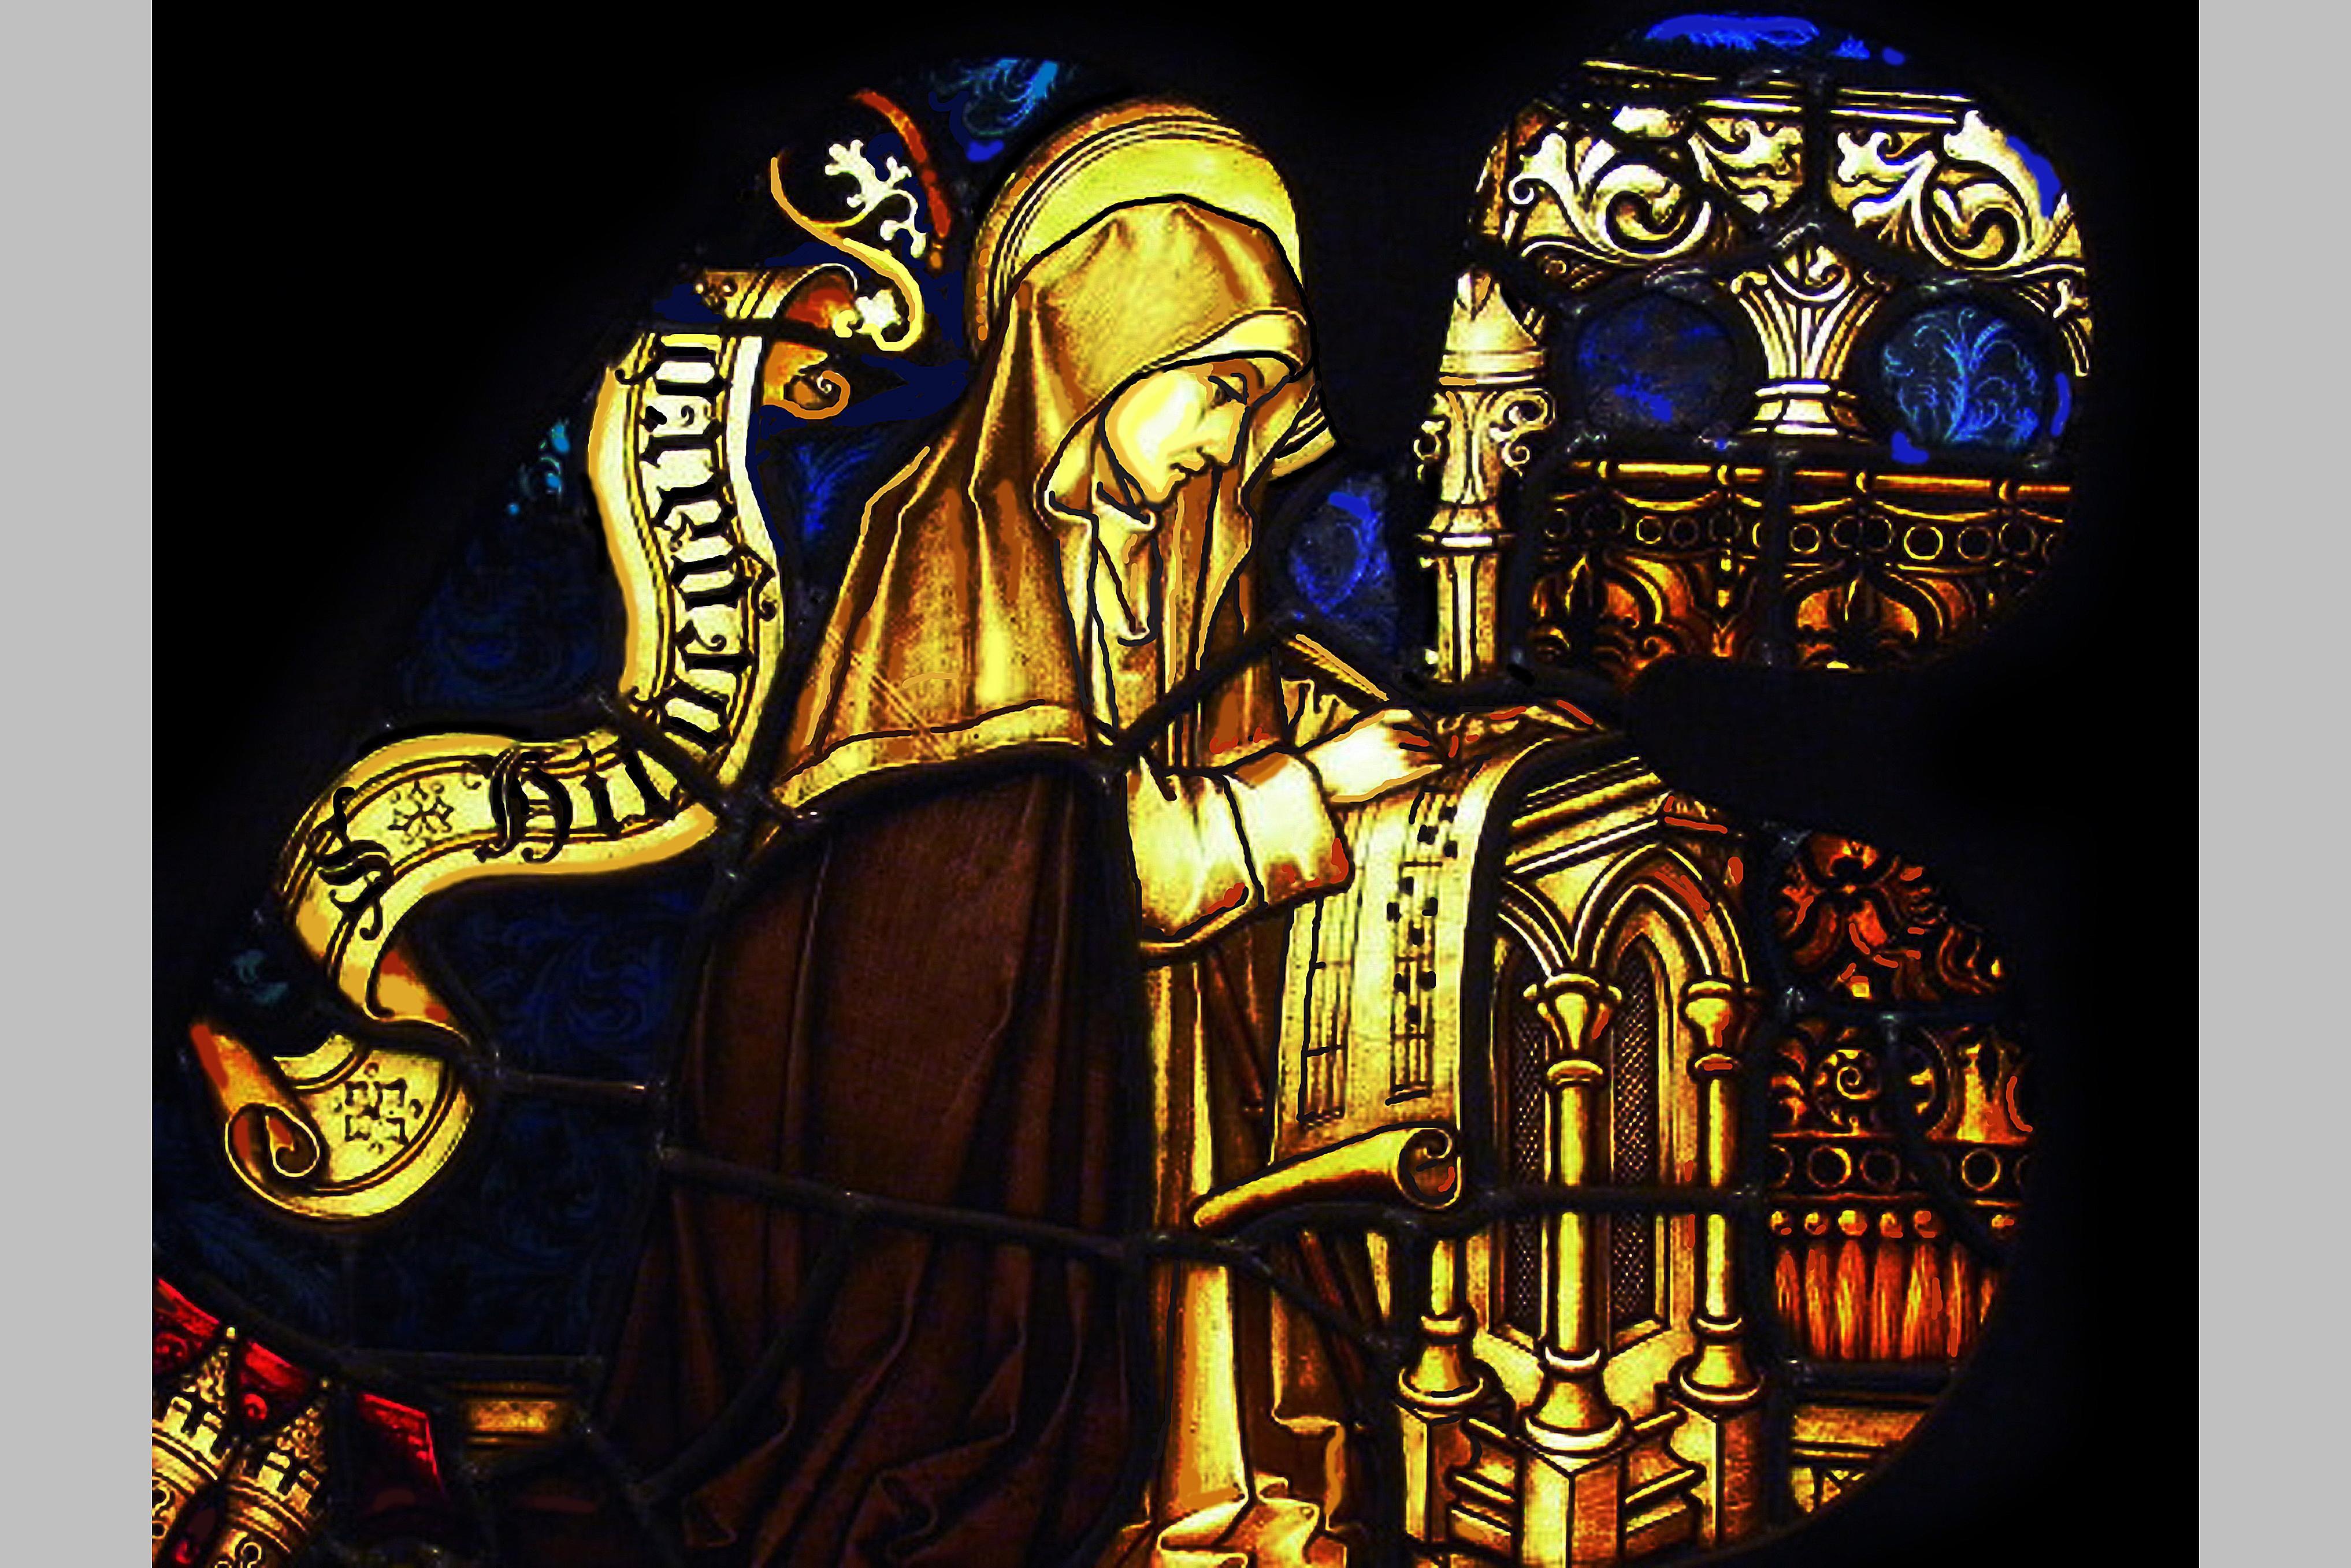 Hildegard of Bingen, from the Eibingen Abbey